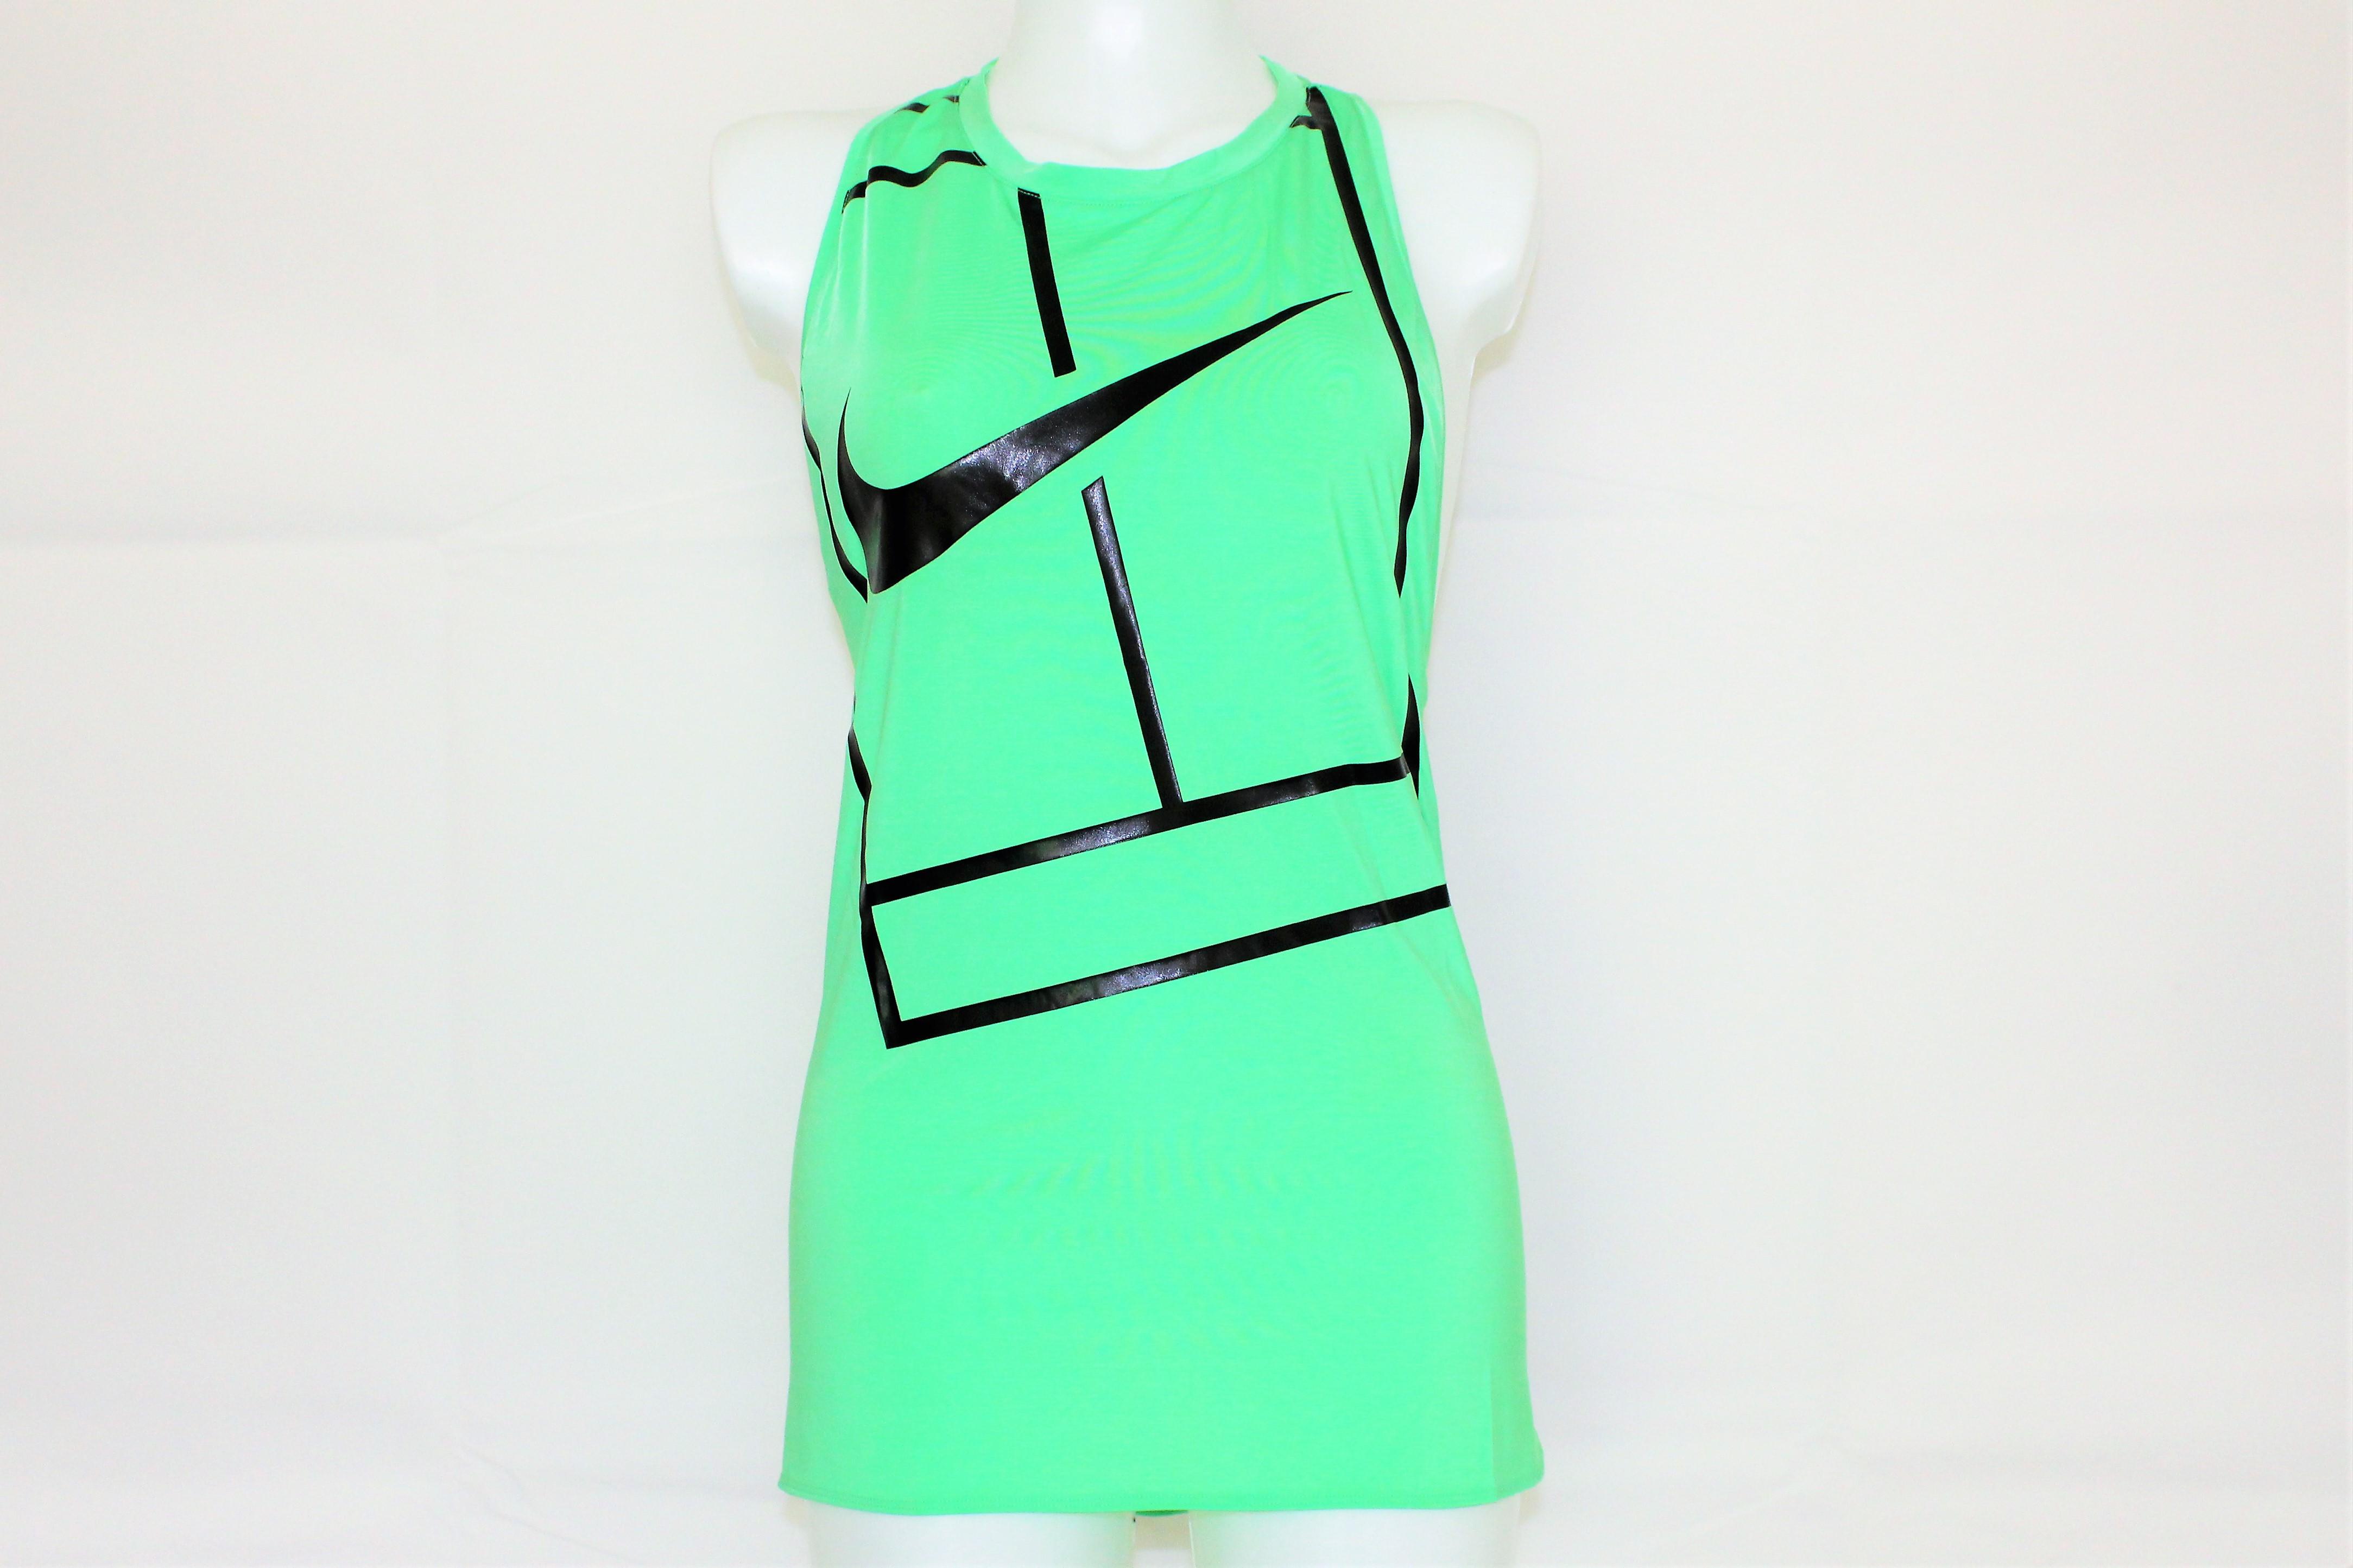 hot sale online 7d8f7 6a01c Nike Damen Tennis Tank Top Court Logo gruen-schwarz Gr. XL